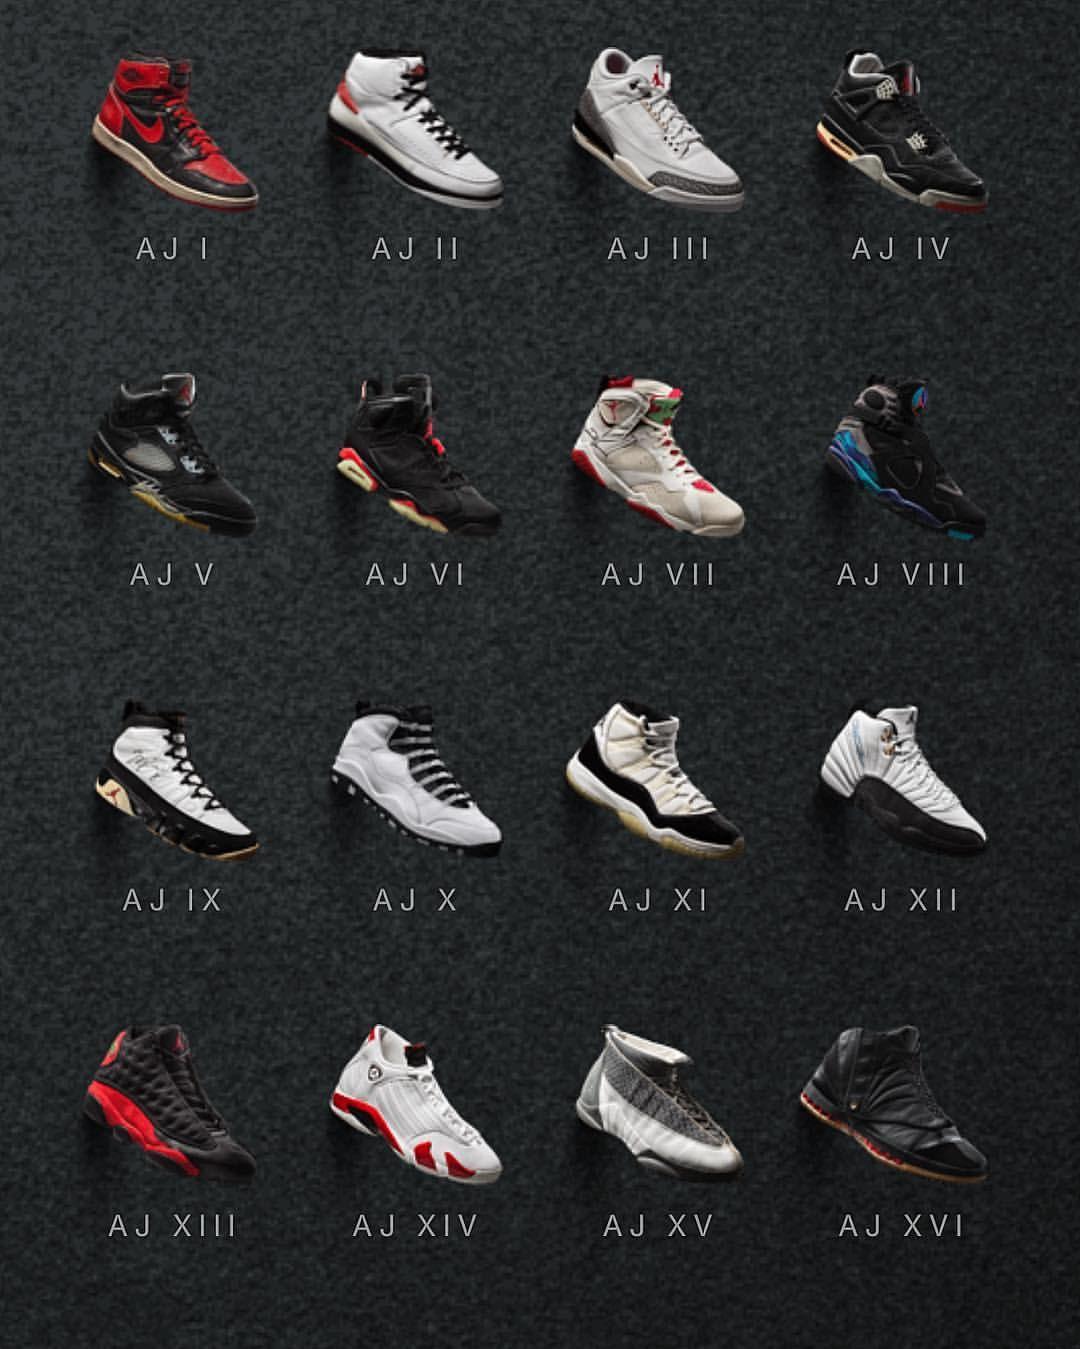 9 023 Likes 603 Comments Nice Kicks Nicekicks On Instagram What S Your Top 3 Favorite Og Air Jordans Nic Air Jordans Jordans Shoes Sneakers Jordans